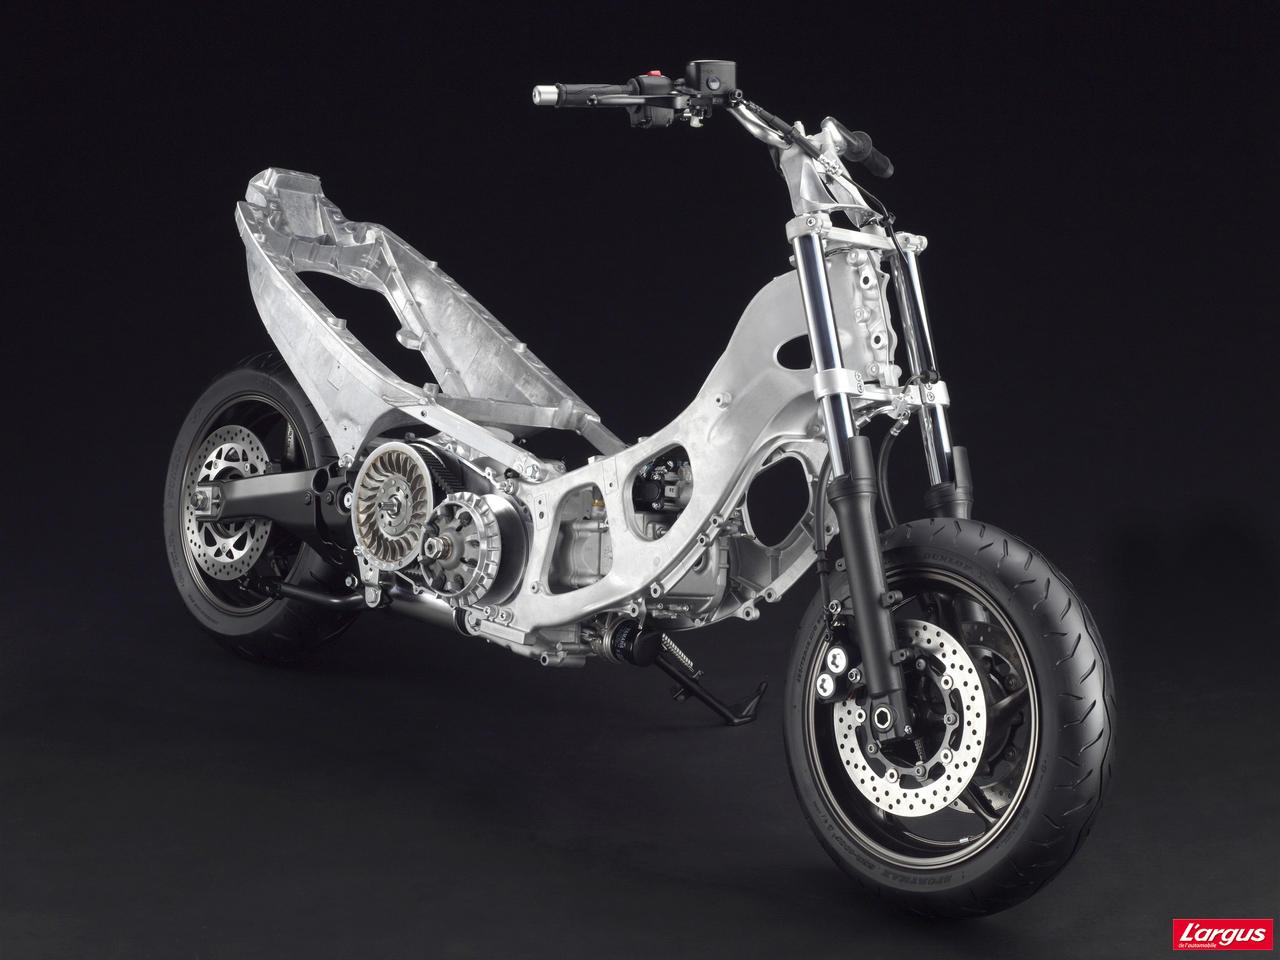 Yamaha 530 T-Max : pour que le règne dure - Photo #9 - L'argus